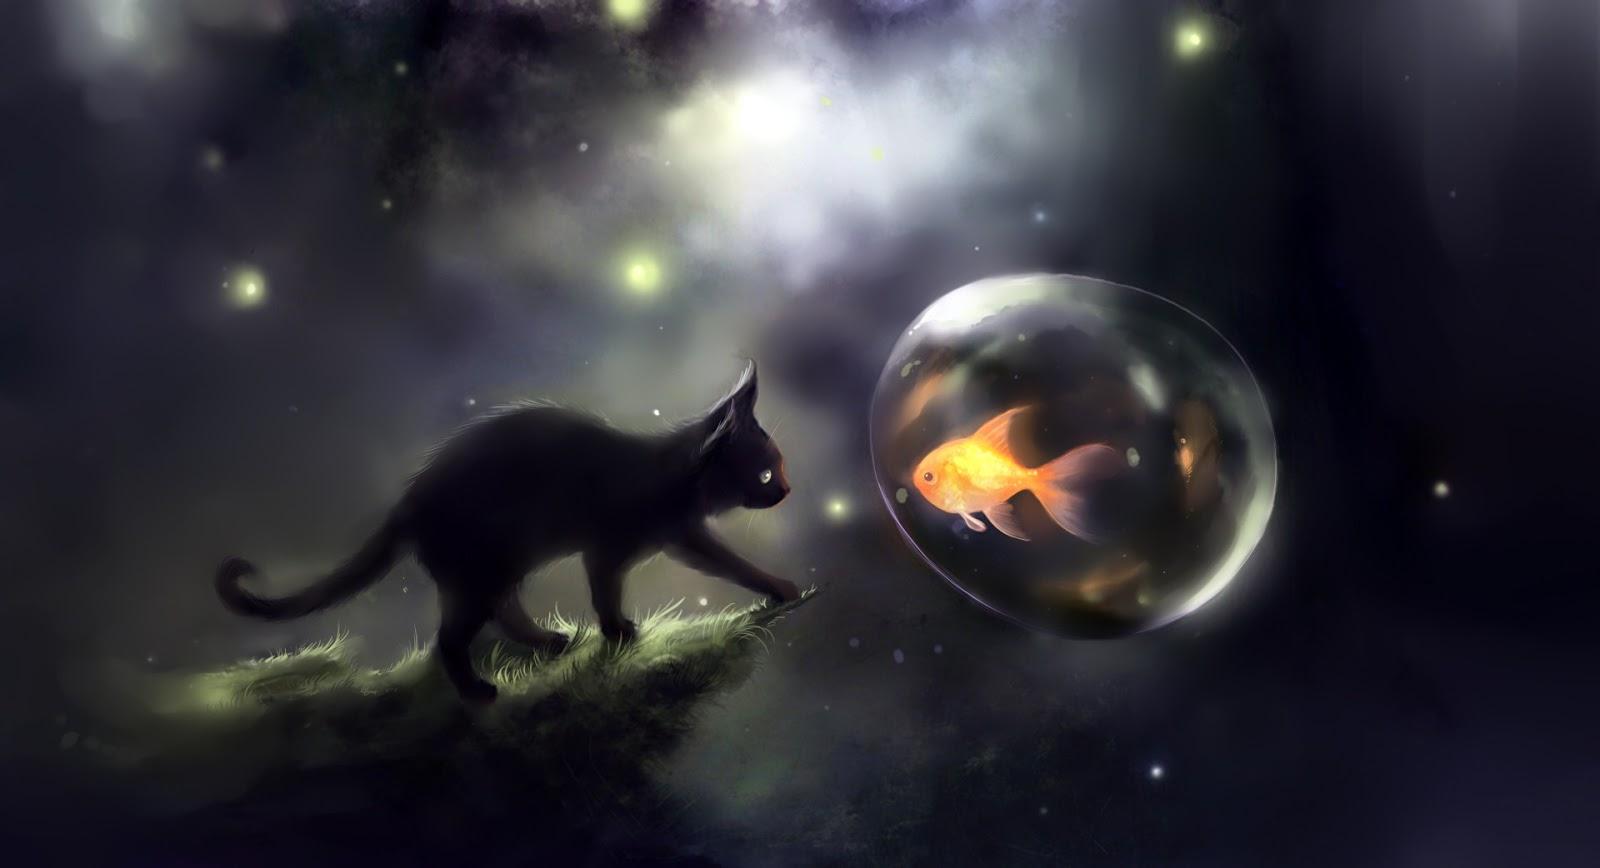 Black Cat And Goldfish Wallpaper Download 1600 X 868 Beautiful